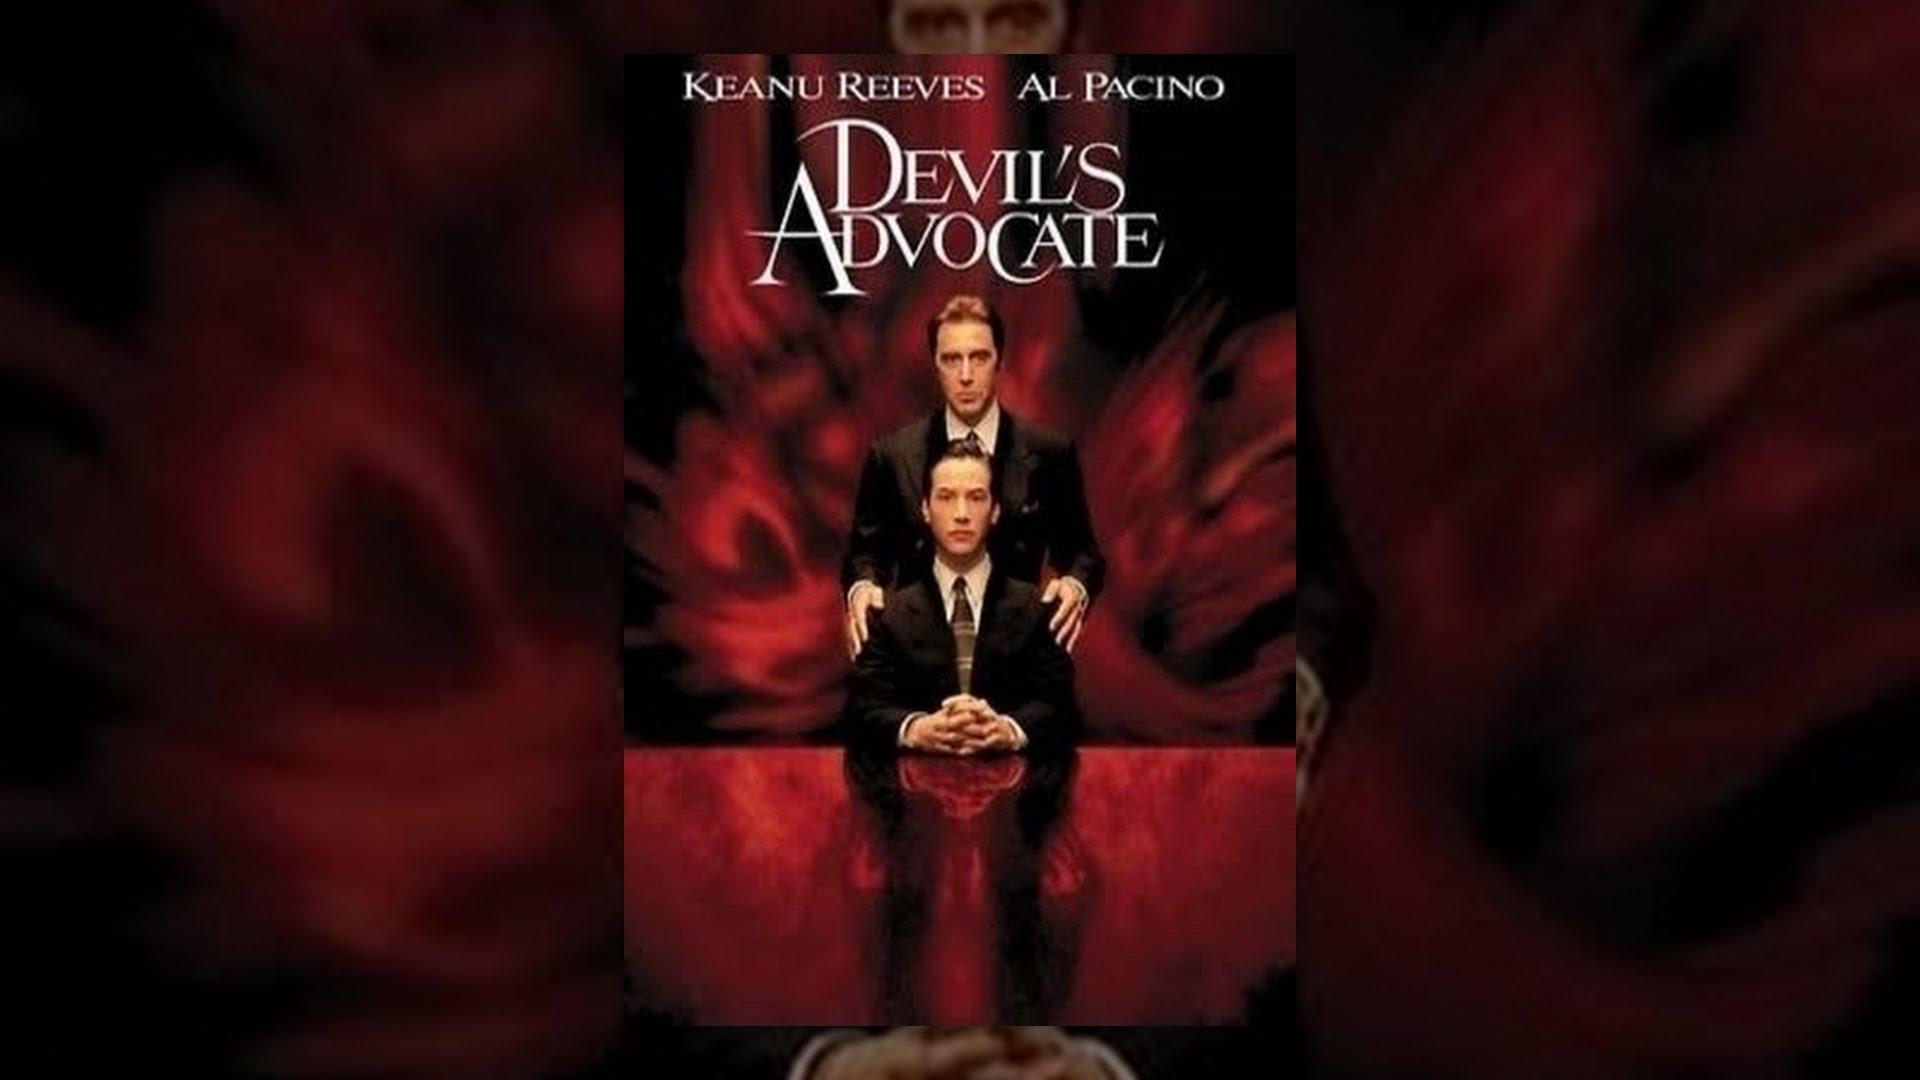 Devil Advocate Artwork The Devil's Advocate